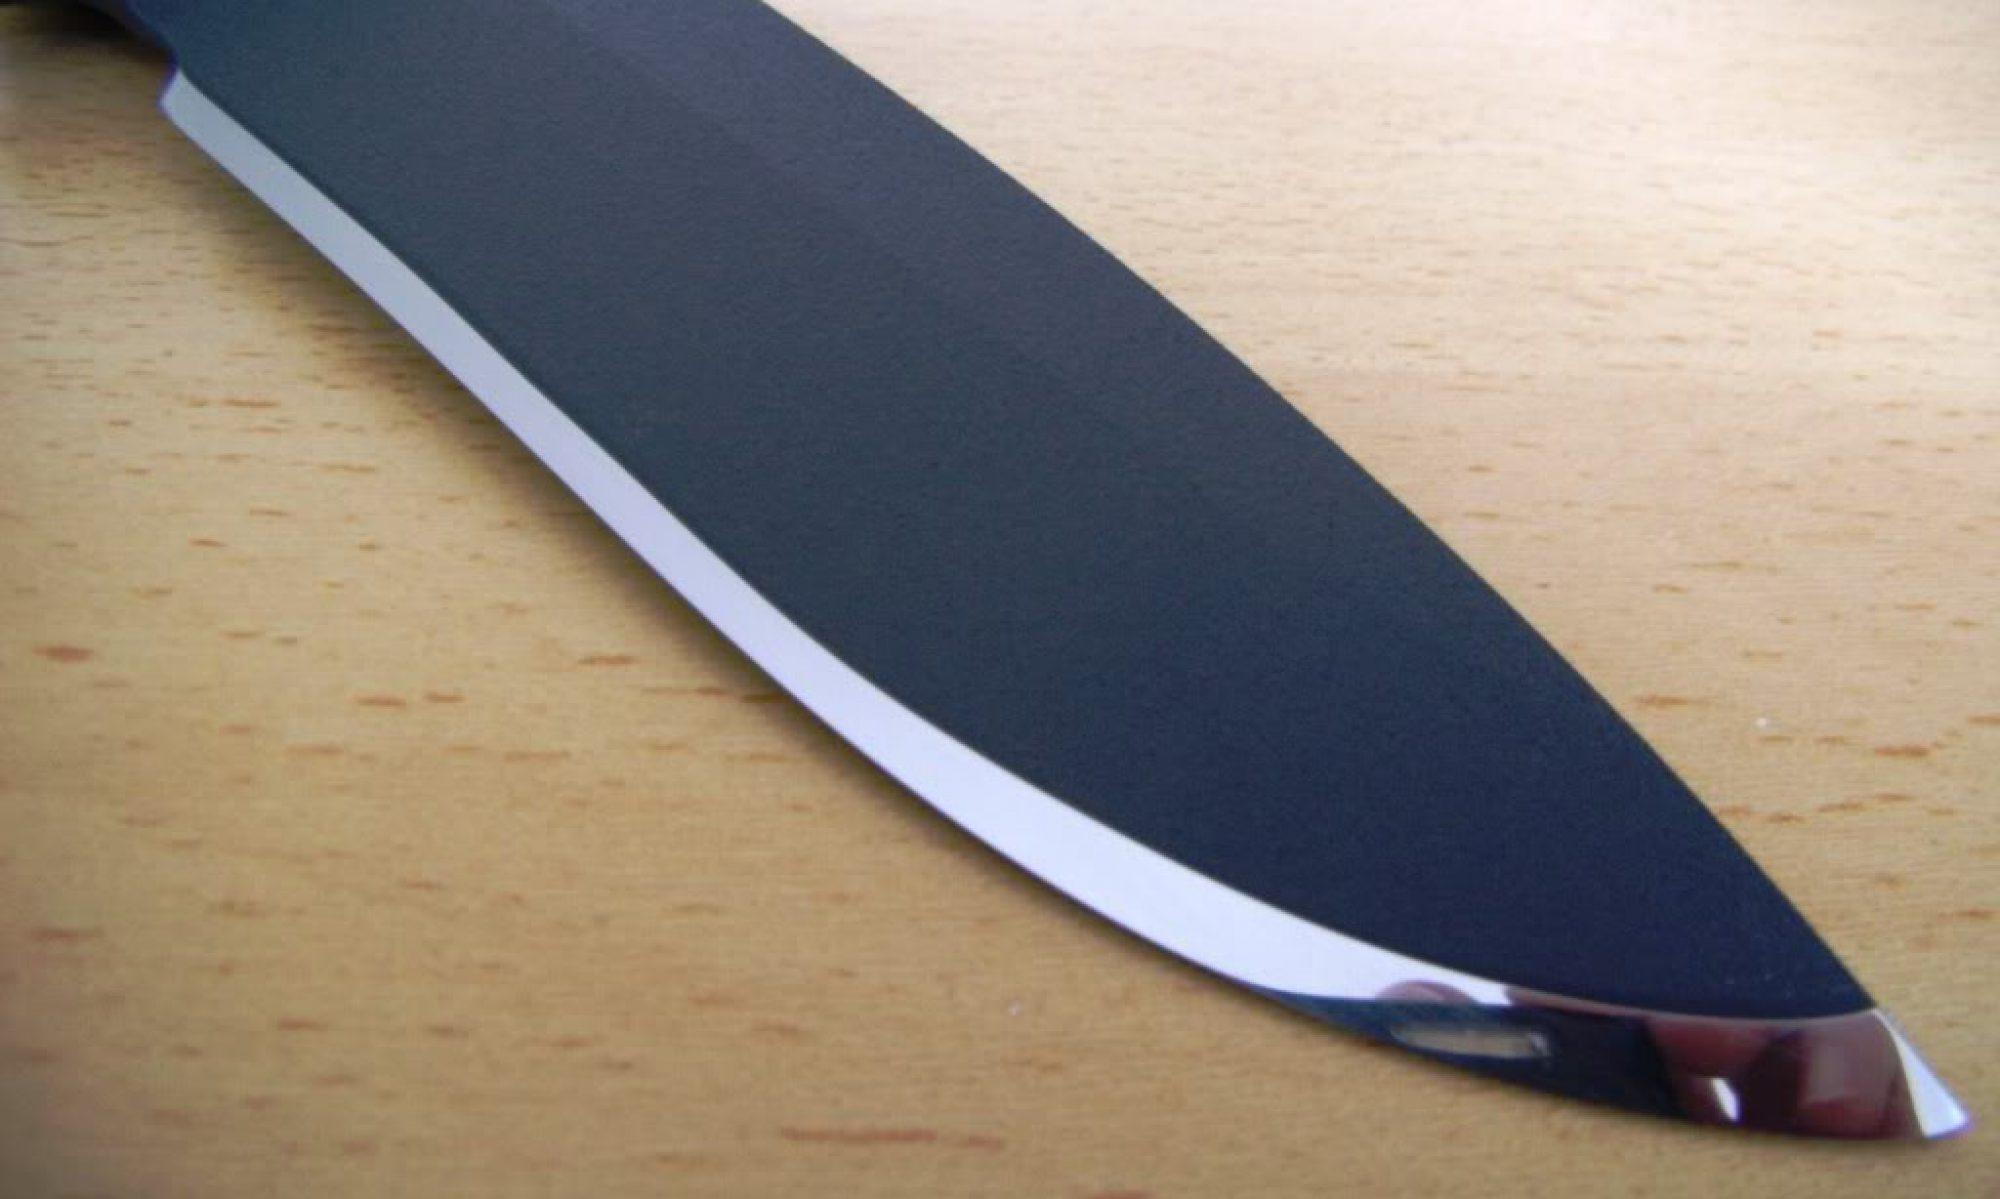 Superskarp - den skarpeste kniv i skuffen